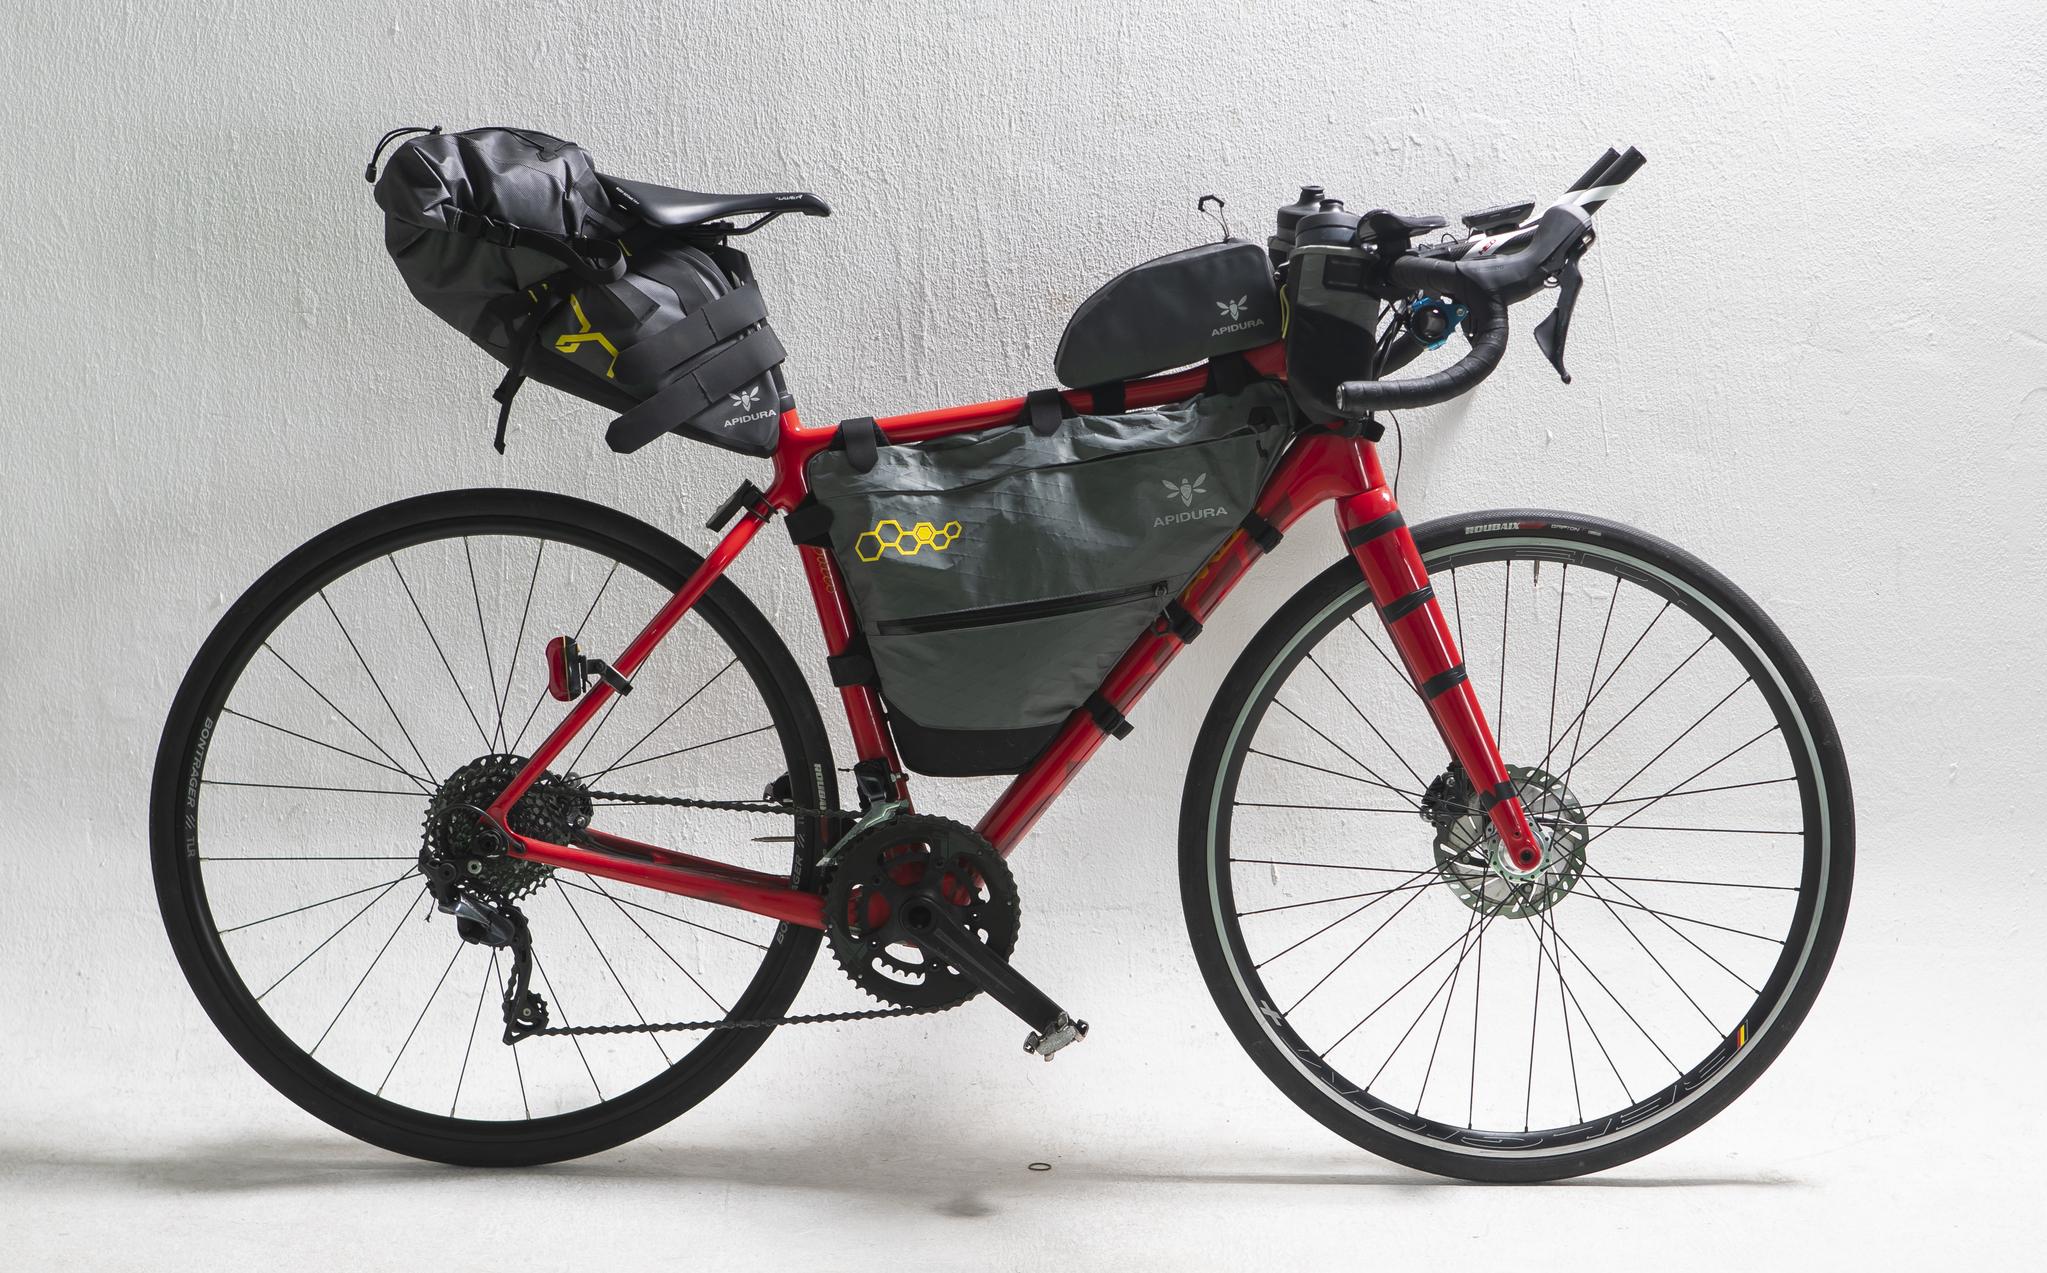 장거리 대회 참가를 위한 필요 물품이 장착된 자전거. 이 상태로 10여일 동안 달리기도 한다.